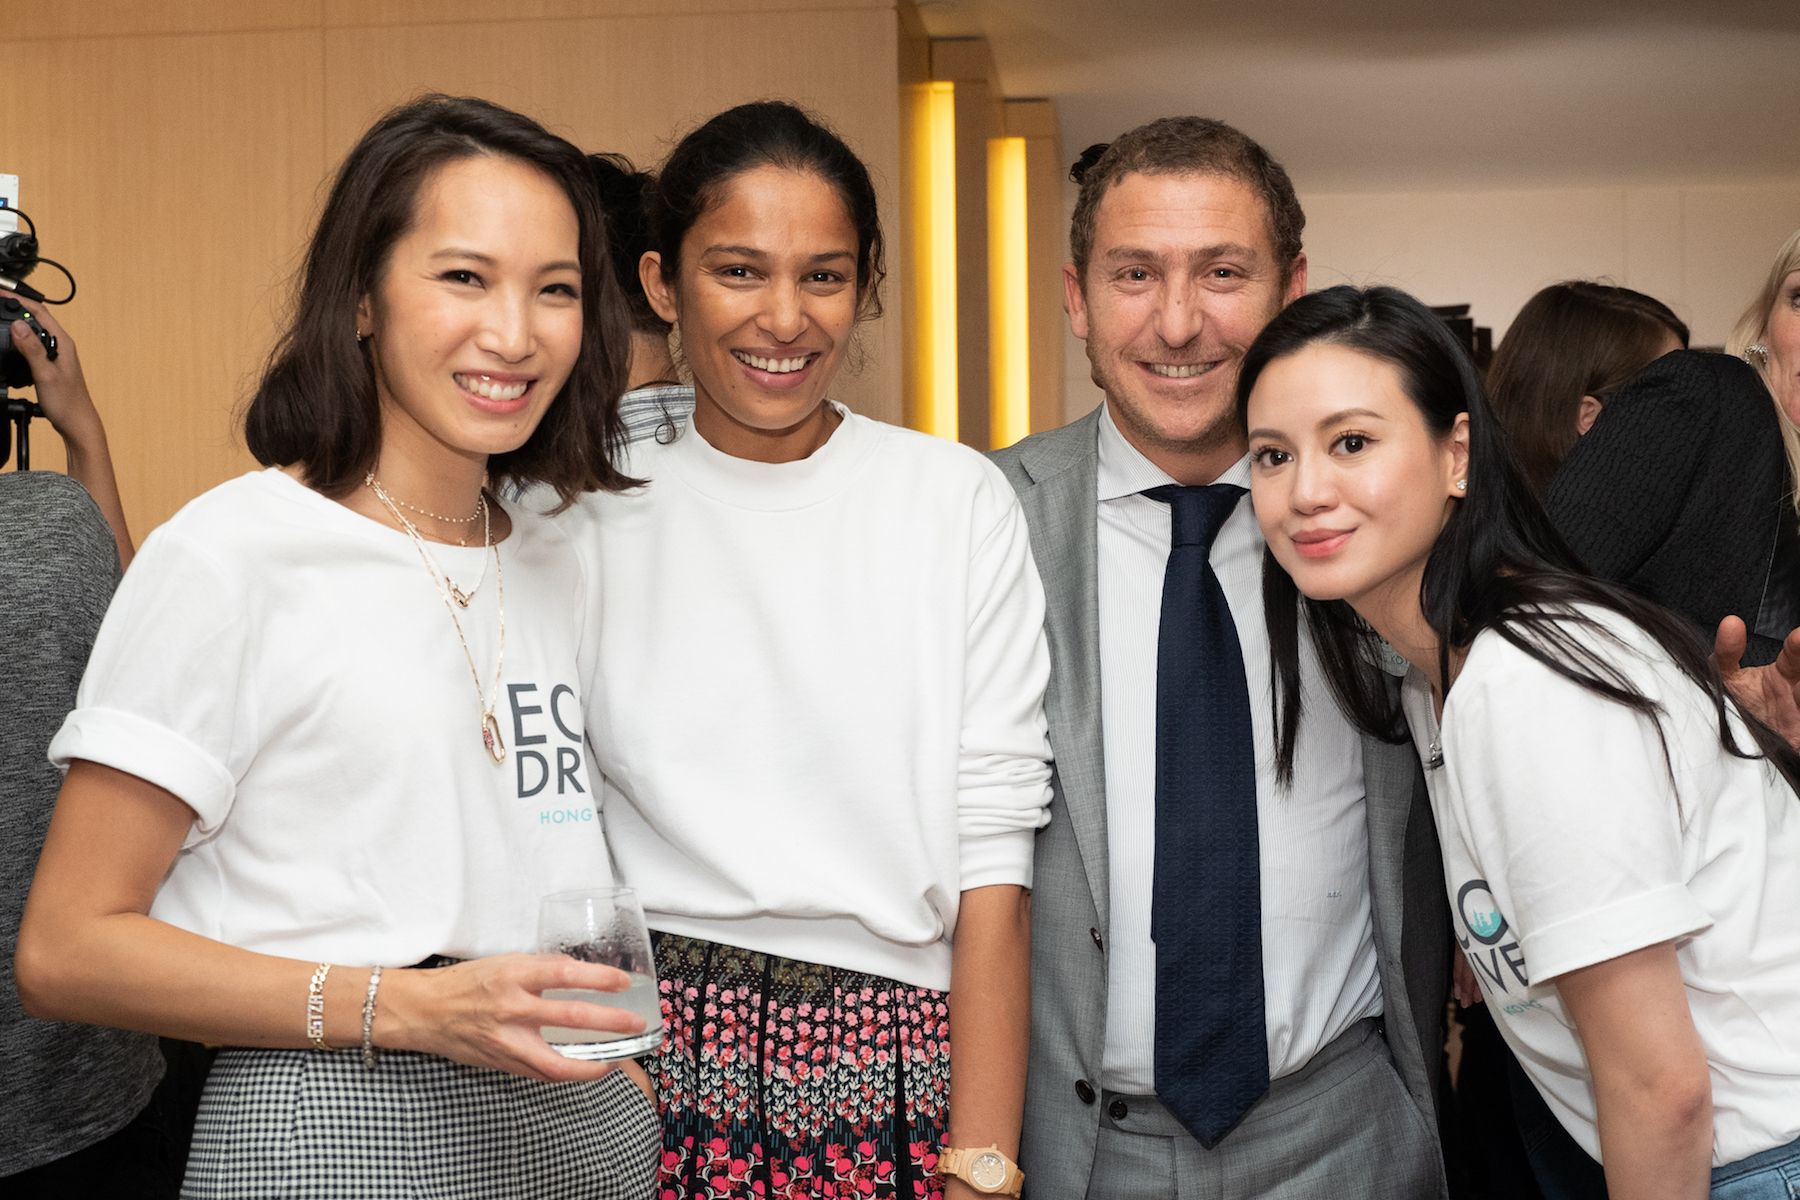 Sabrina Pang-Fung, Saloni Lodha, Karim El-Azar, Emily Lam-Ho